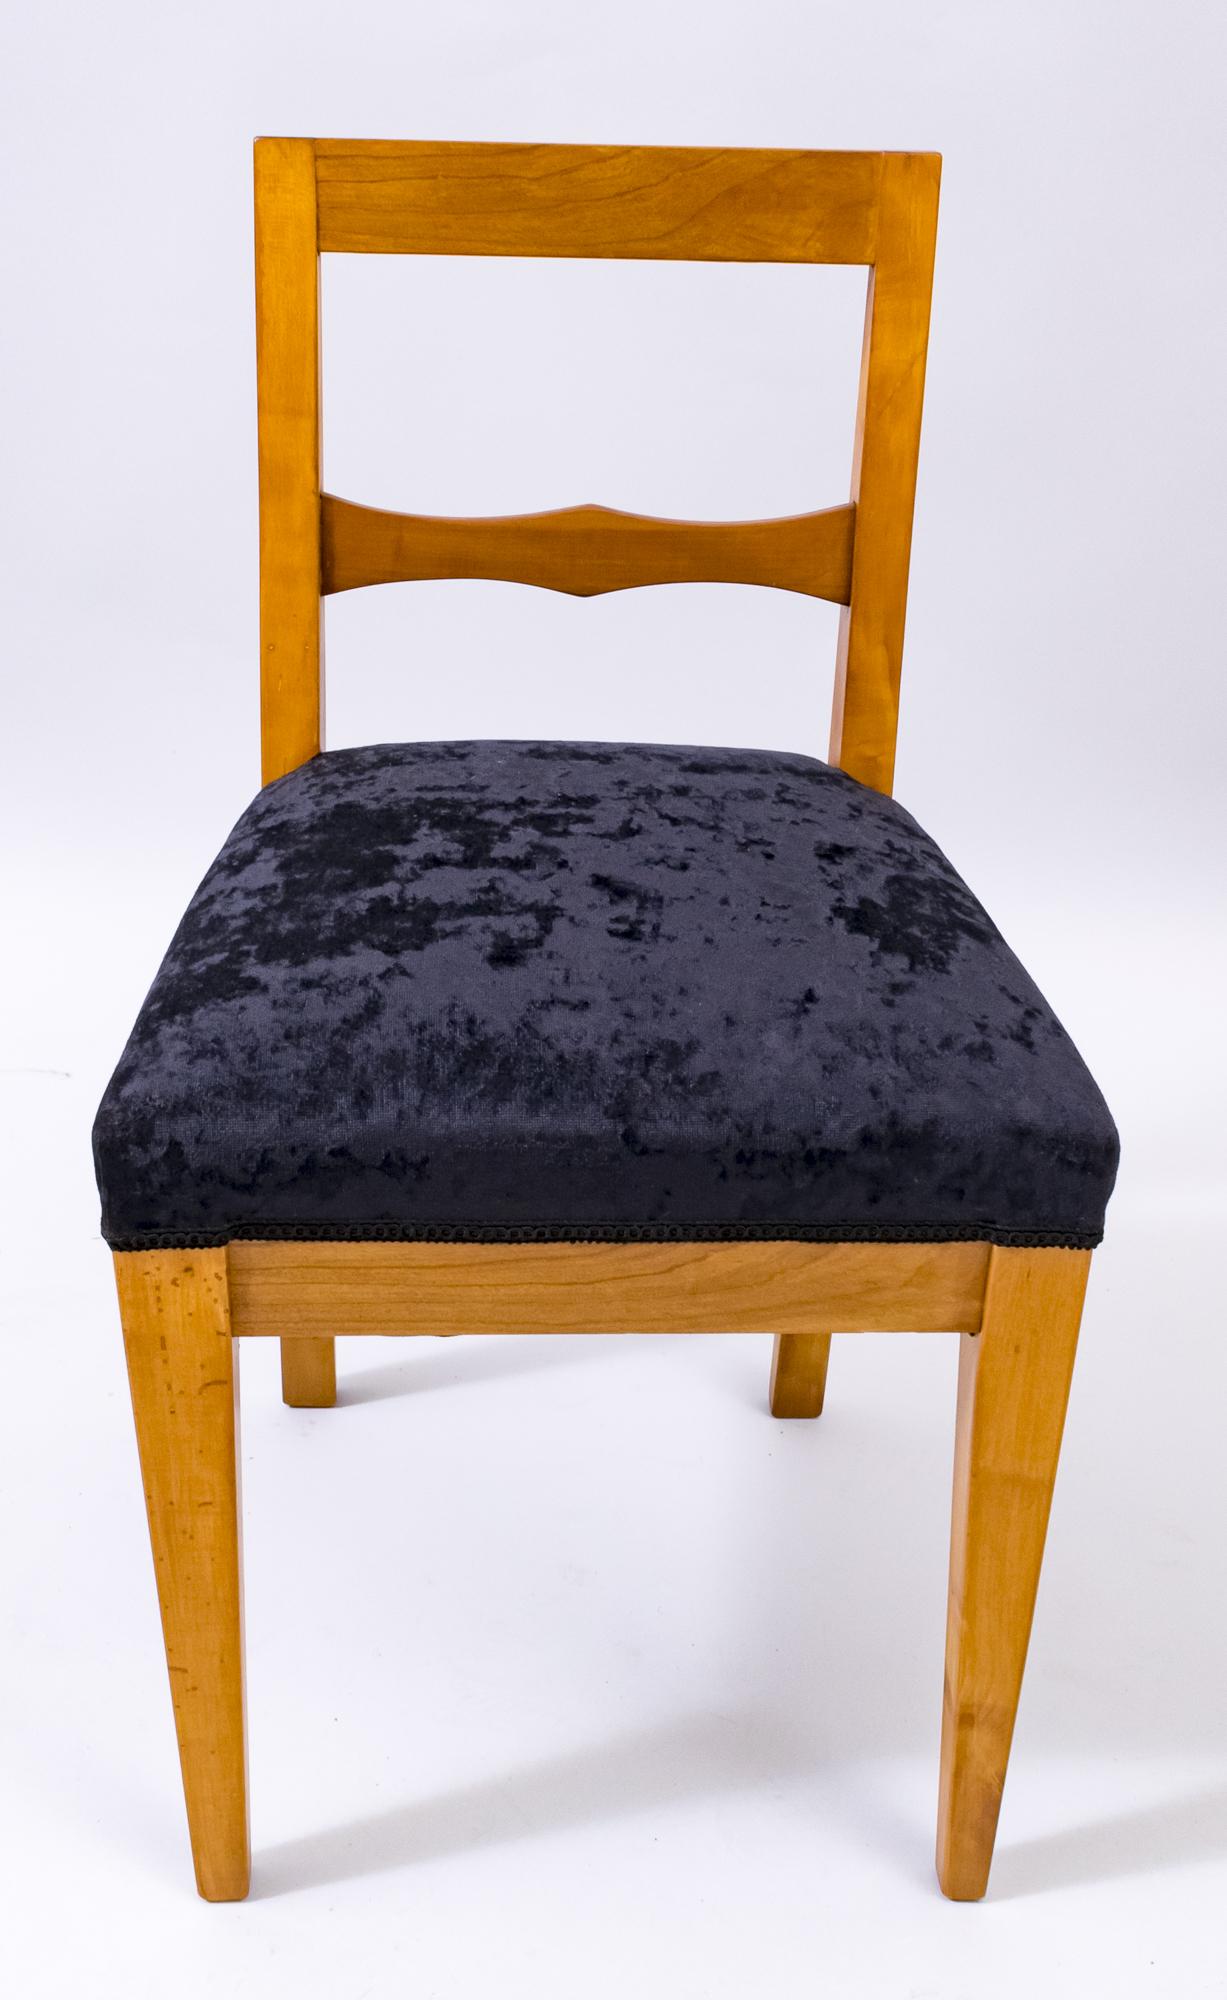 originale Antiquitäten mit modernen Möbel kombinieren